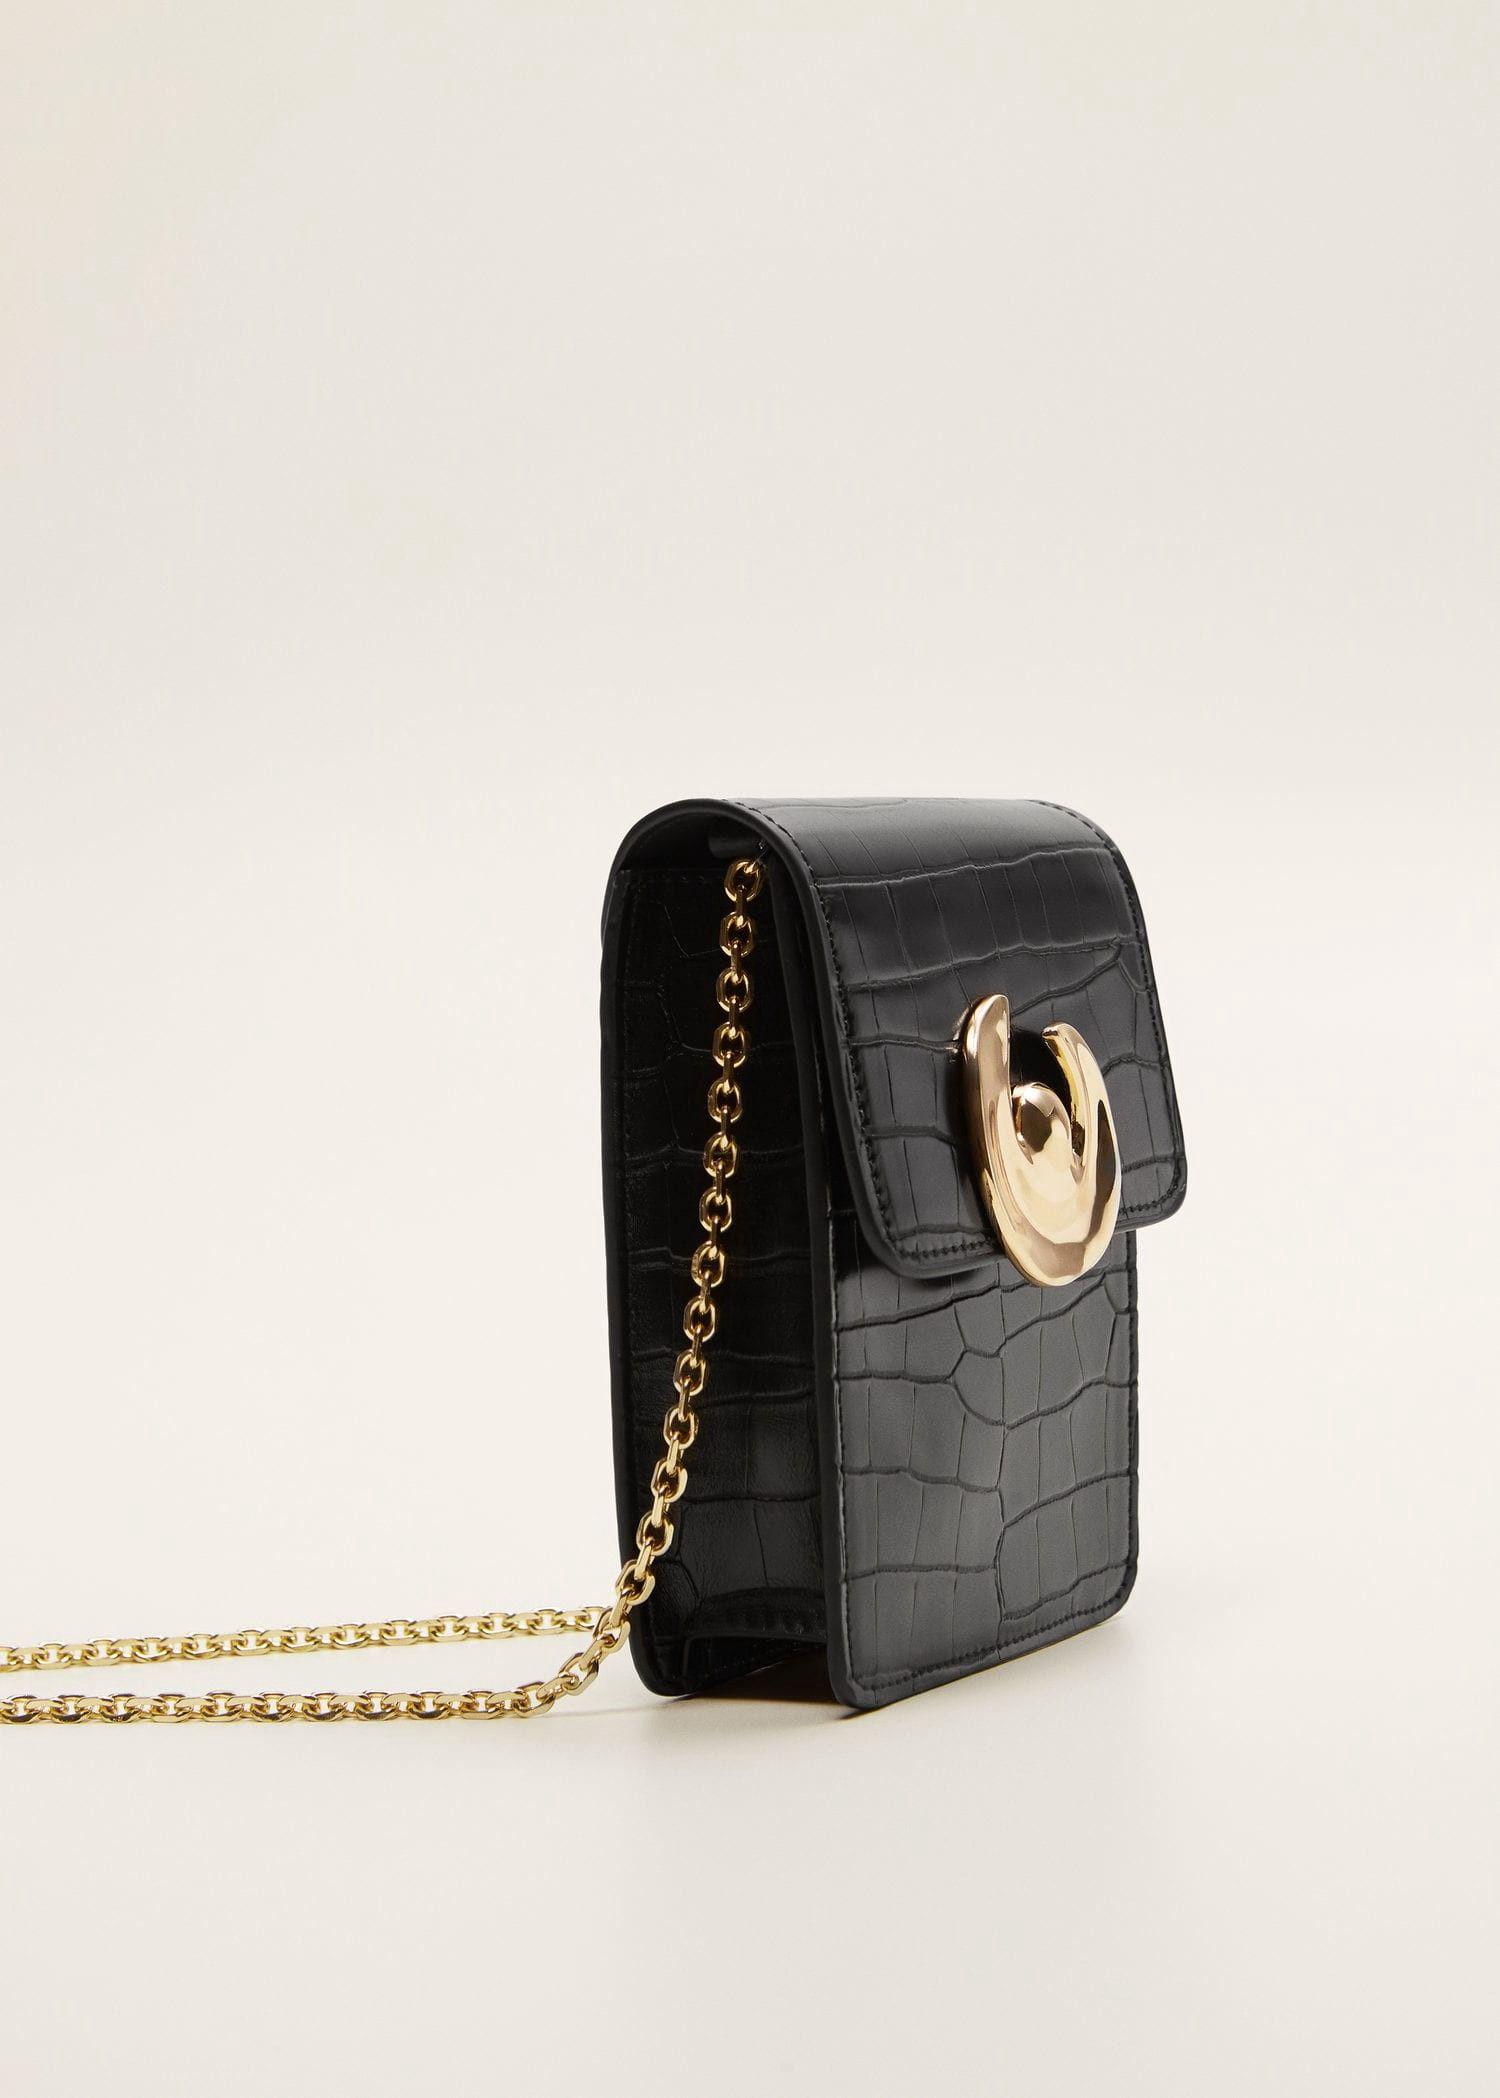 29f19ee8cb Mango Croc-Effect Mini Bag - Black One Size